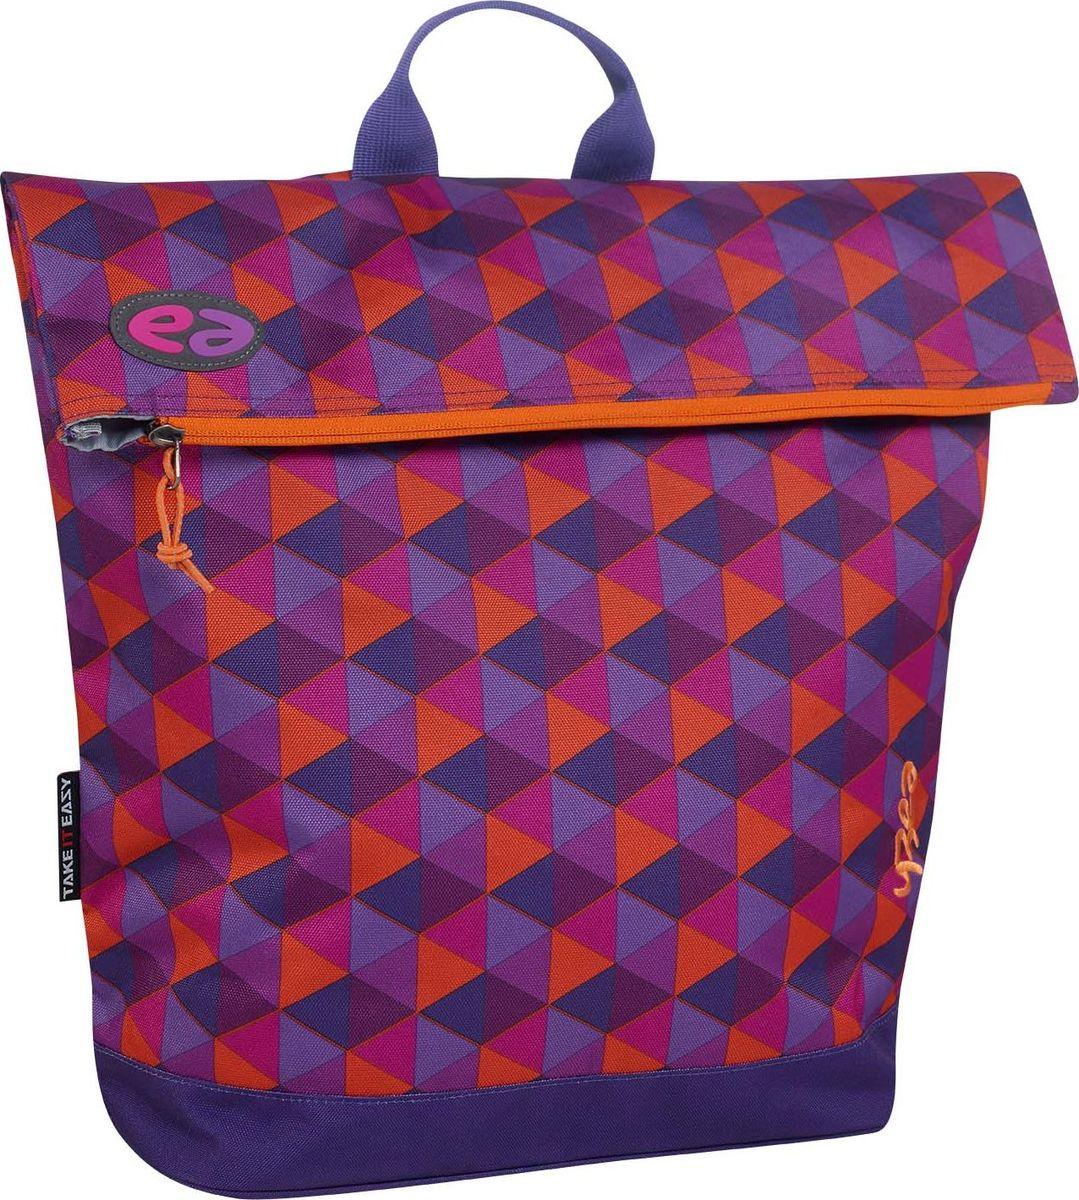 Thorka Рюкзак YZEA Courier Конус29010621059Рюкзак Thorka YZEA Courier имеет одно основное отделение. В удобном органайзере мелкие вещи всегда под рукой, имеется съемный карабин. Фиксированная короткая ручка обеспечивает удобный перенос рюкзака не только на спине, но и в руках.Этот рюкзак можно использовать для повседневных прогулок, учебы, отдыха и спорта, а также как элемент вашего имиджа.